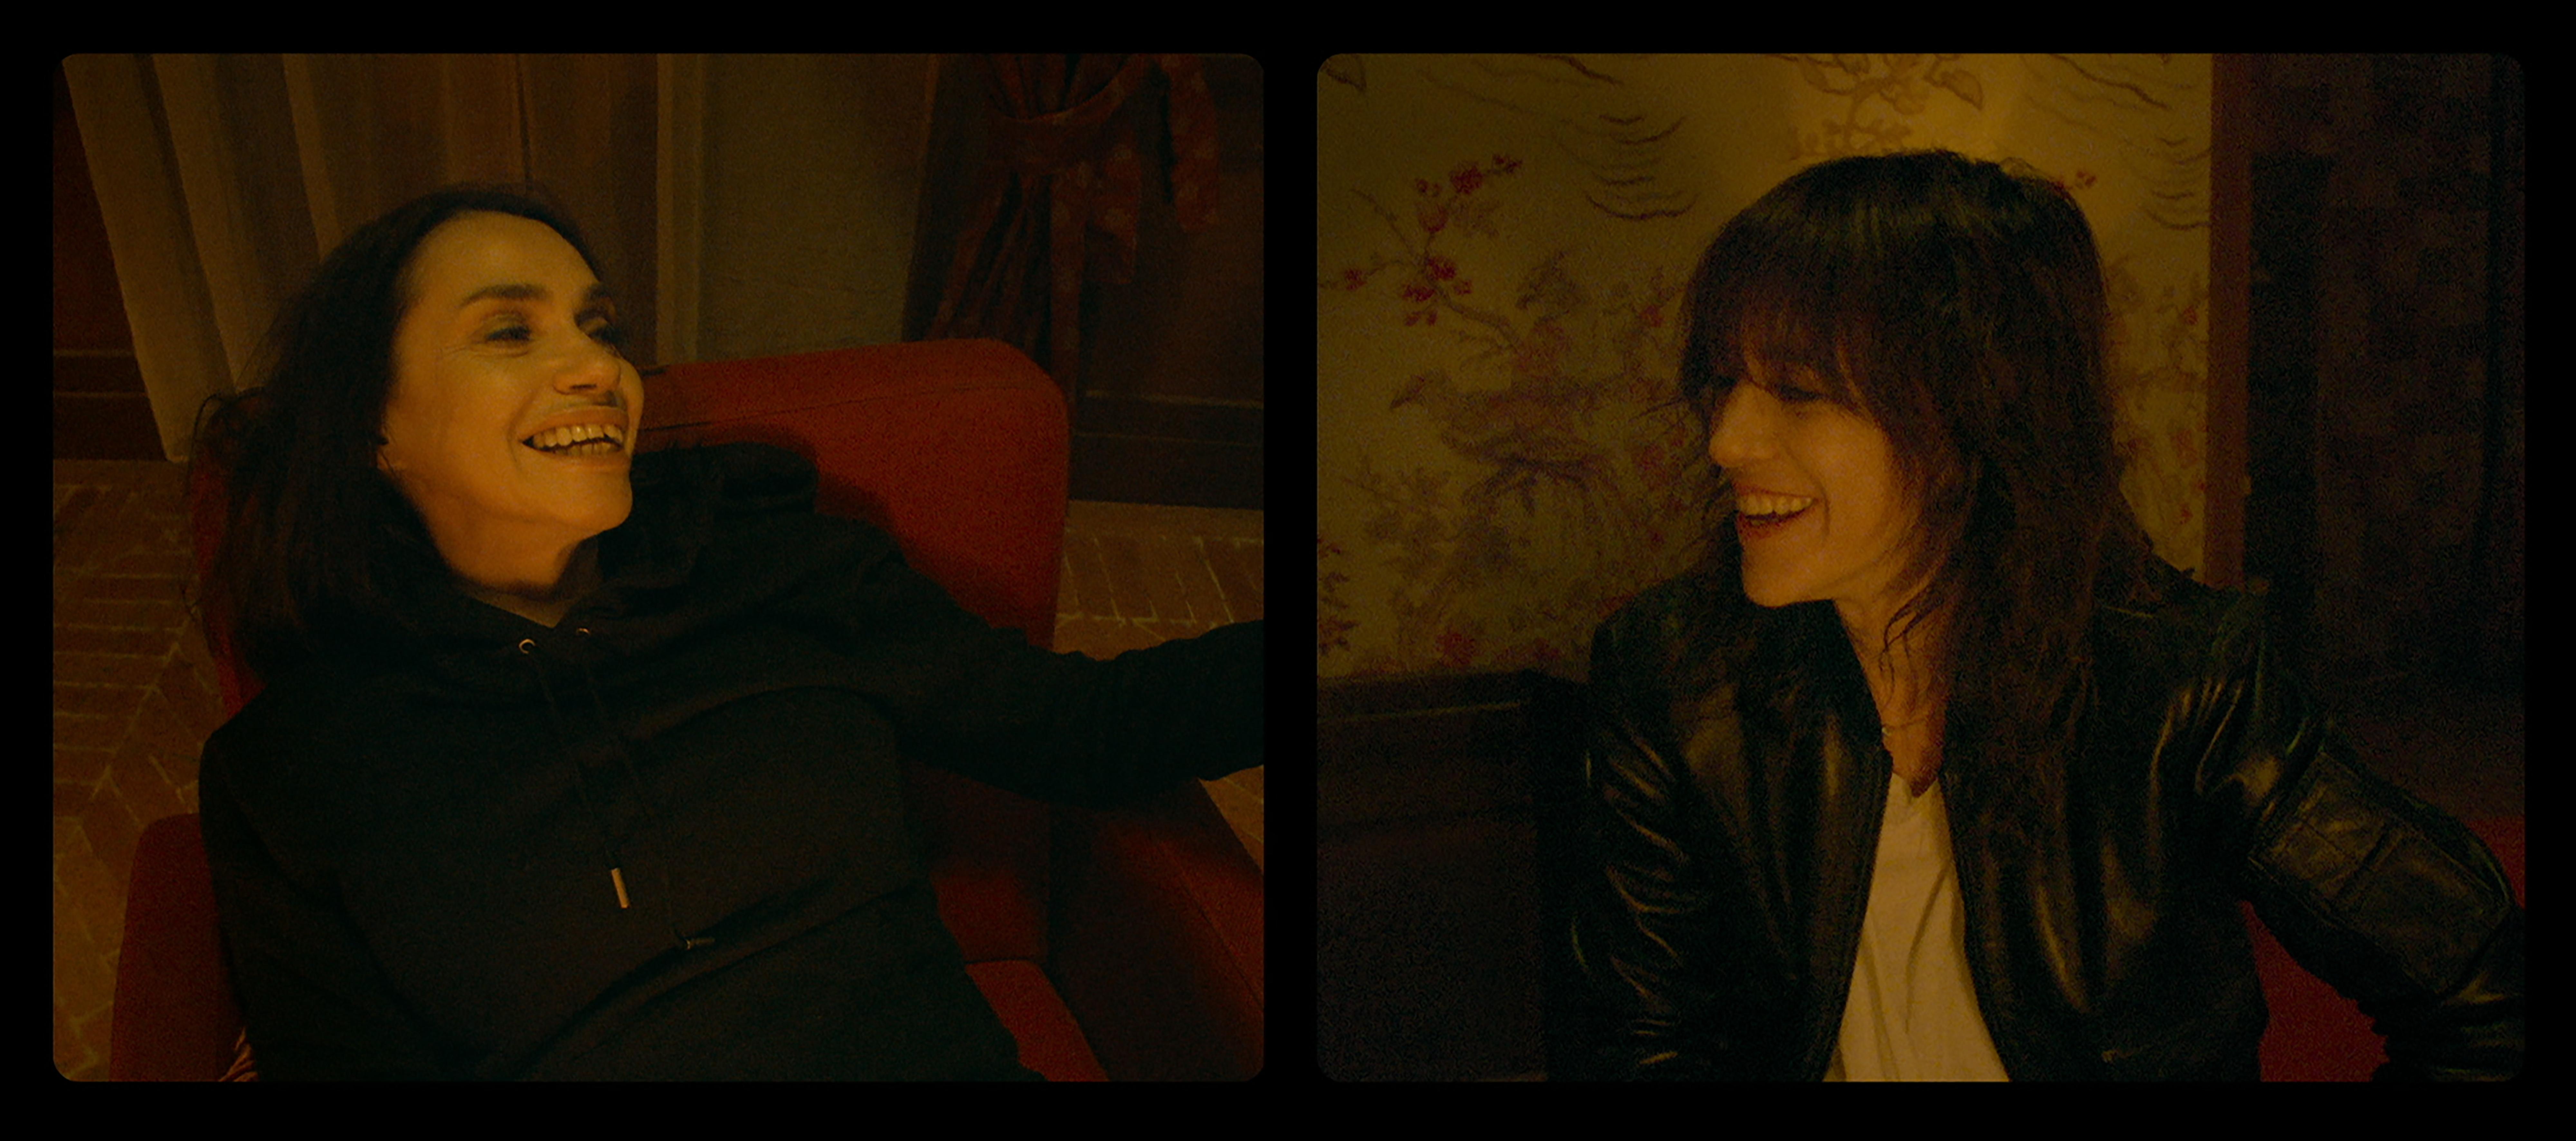 Lux Aeterna : critique du moyen-métrage de Gaspar Noé avec Béatrice Dalle et Charlotte Gainsbourg.